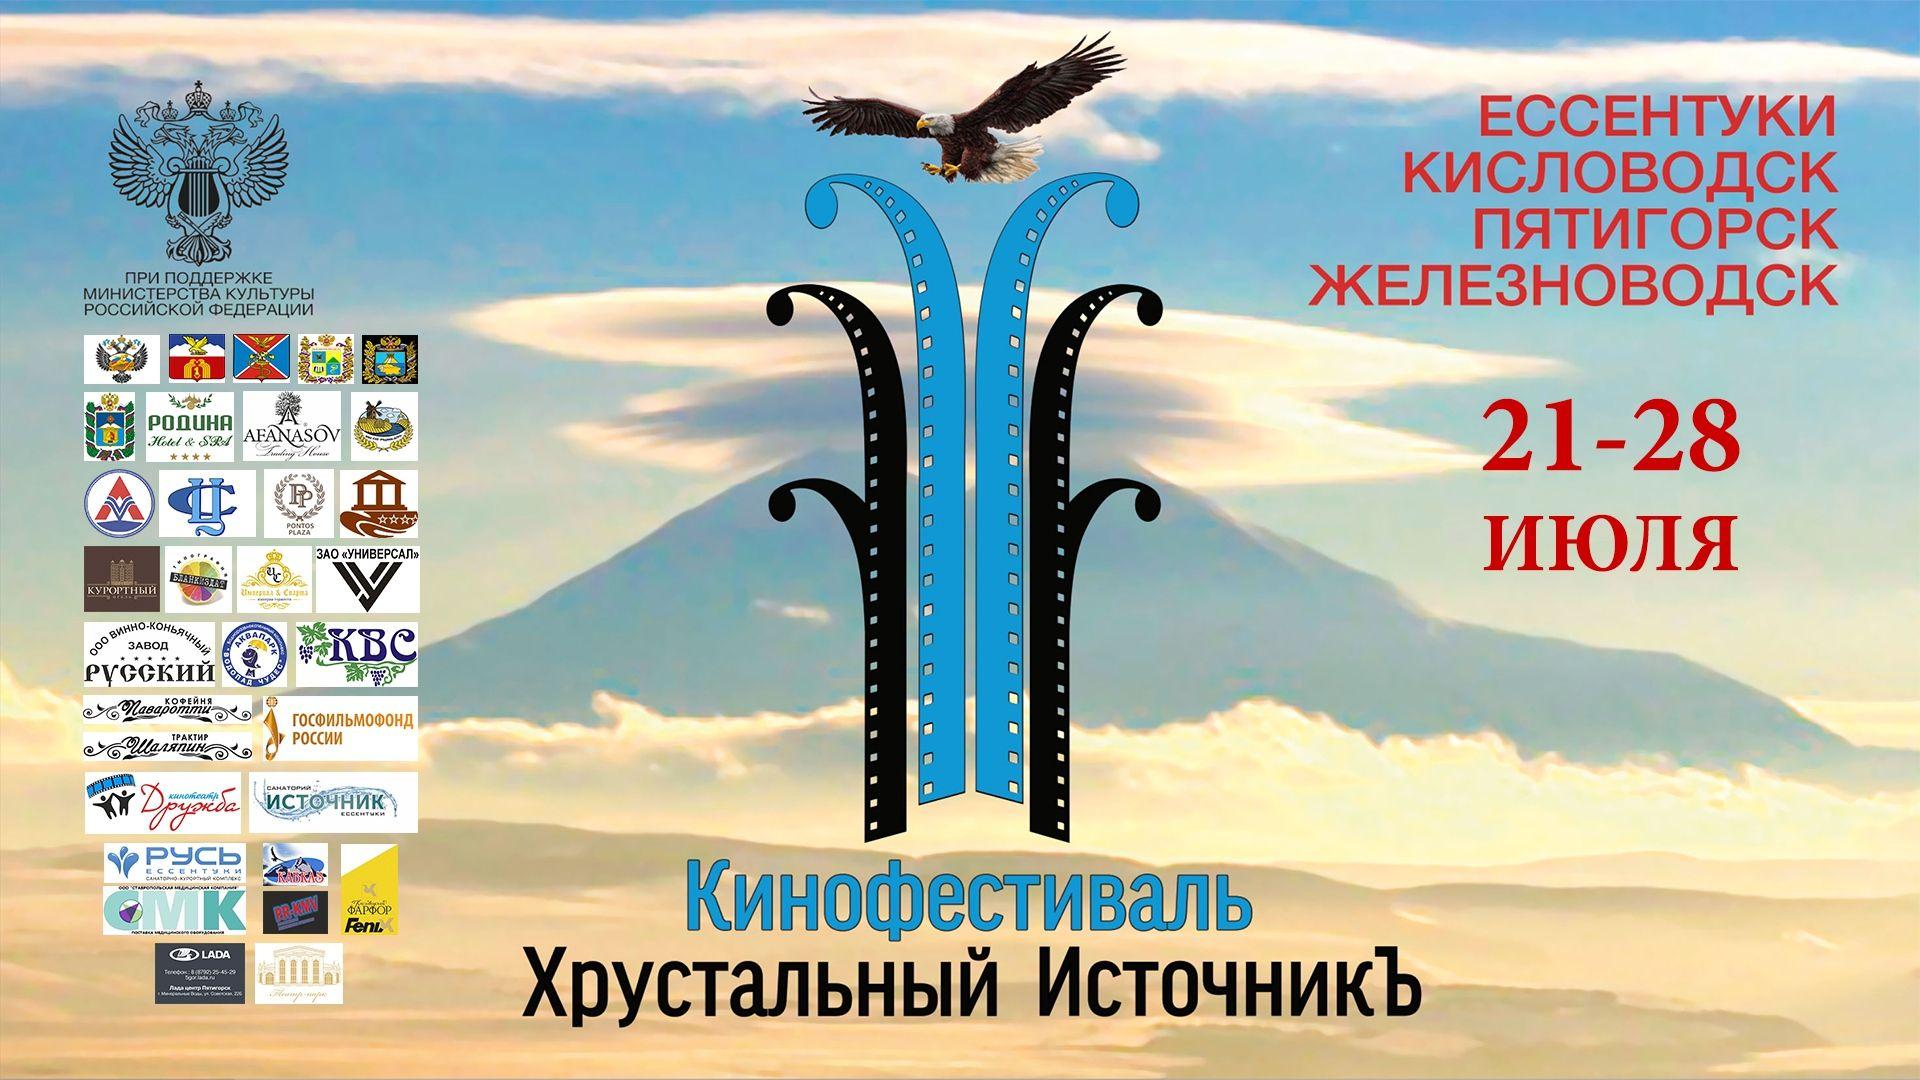 Первый фестиваль популярных киножанров «Хрустальный ИсточникЪ» пройдёт на Ставрополье